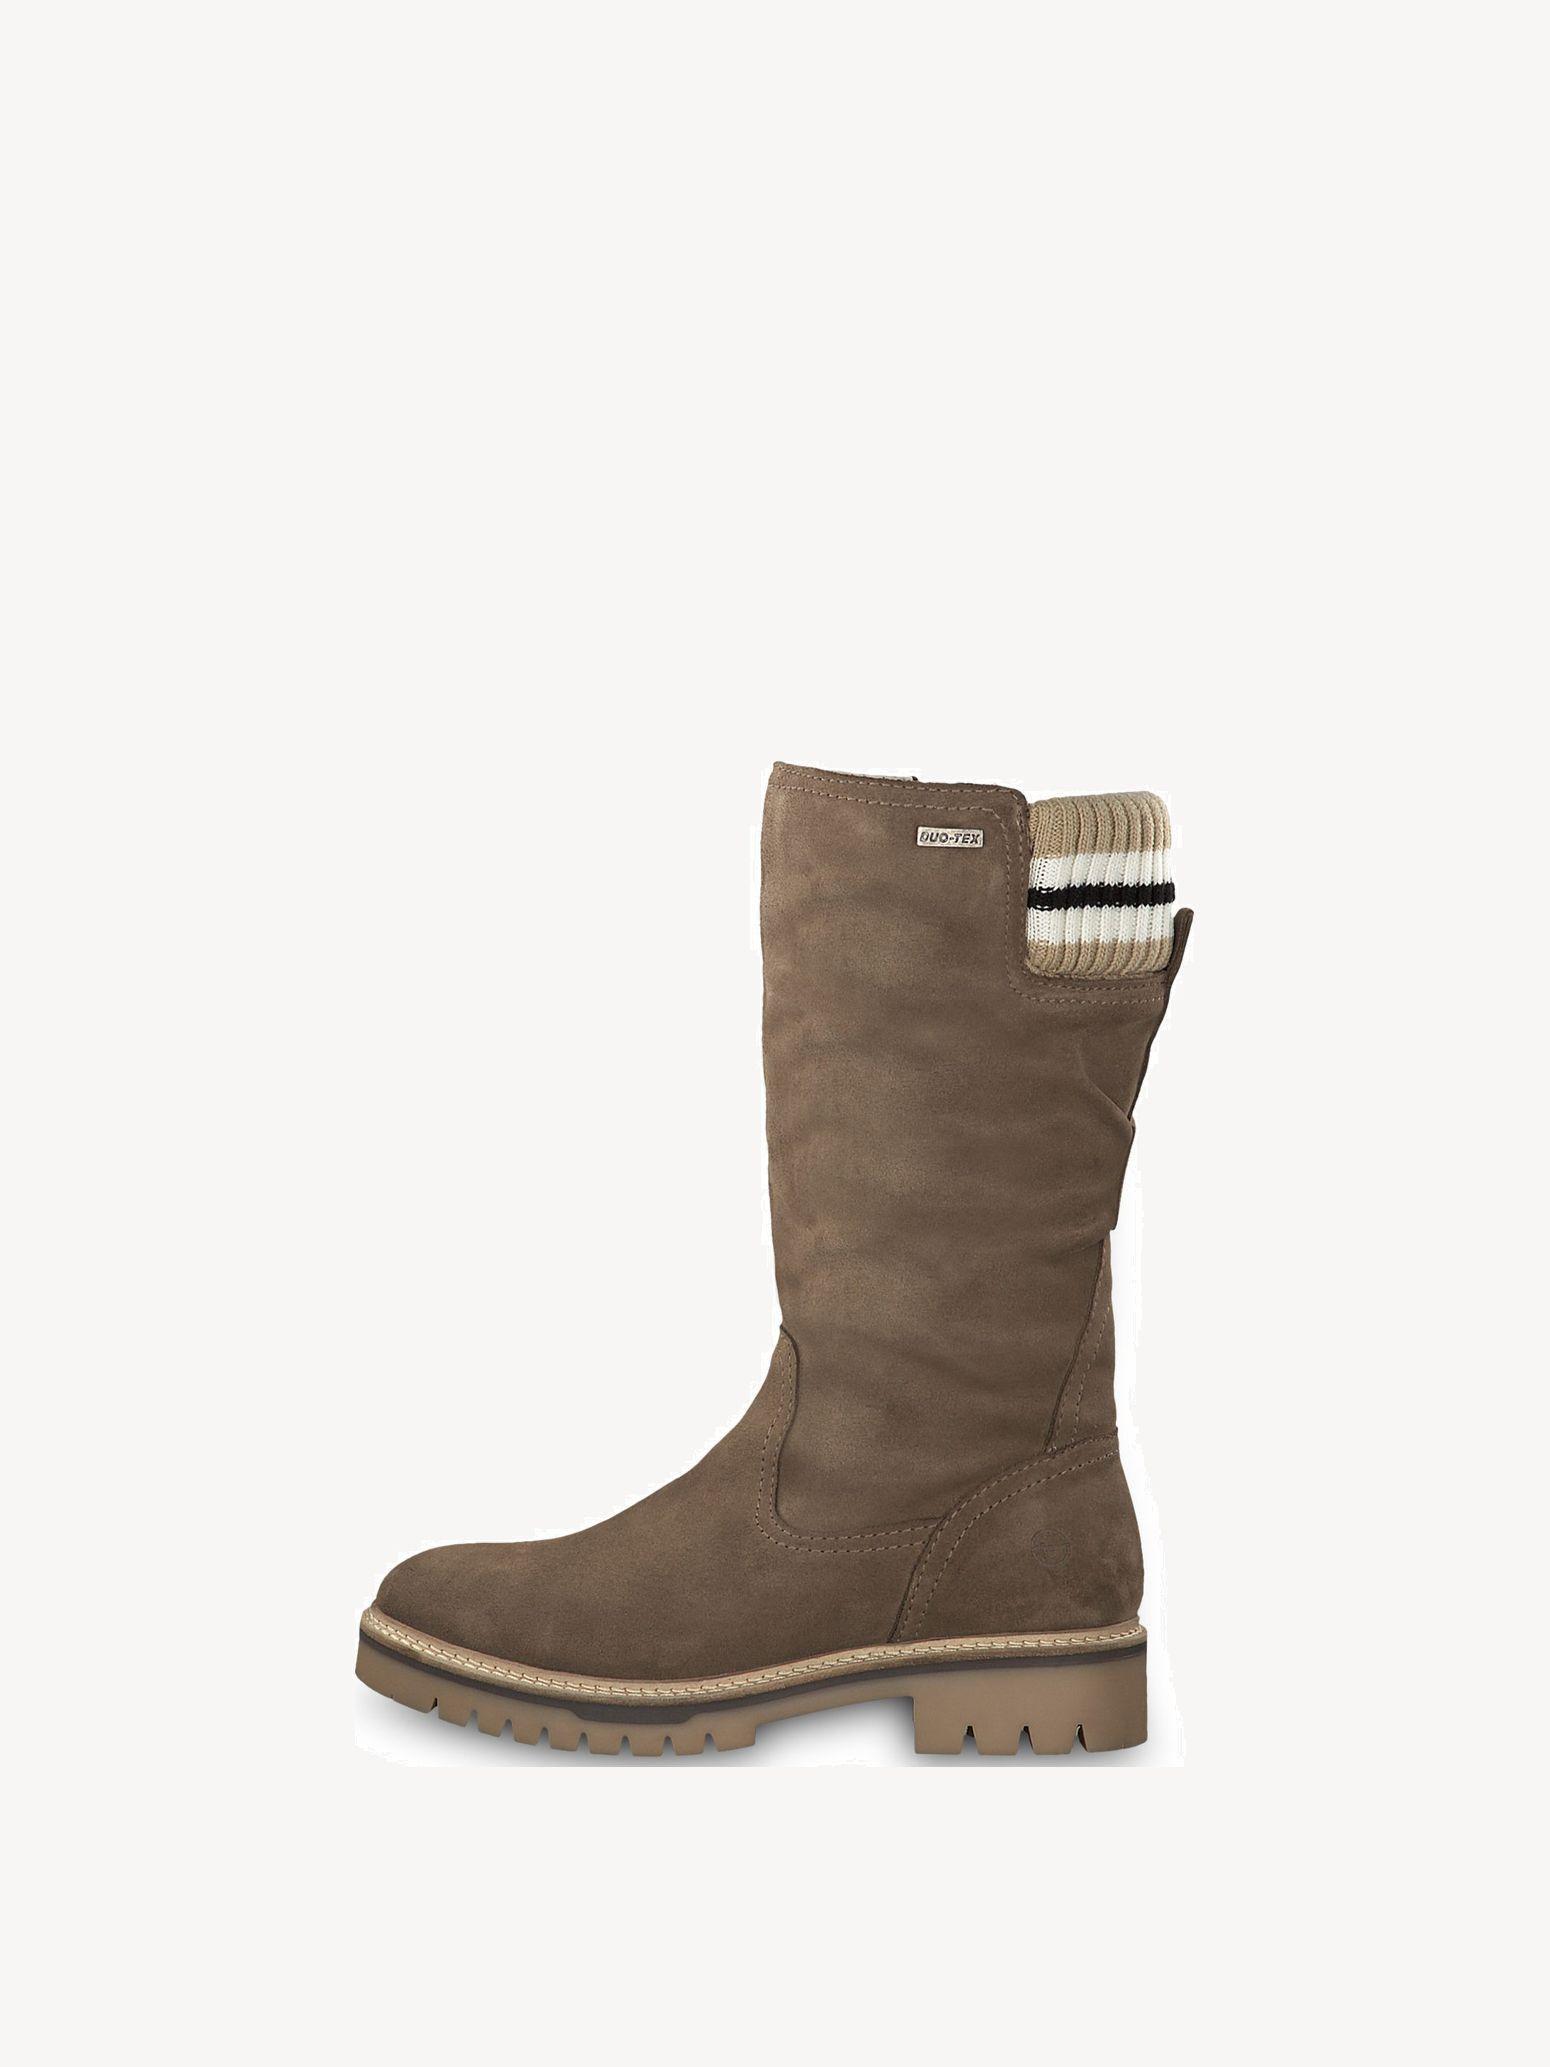 3233bc416b90f Femmes Sur Chaussures Boutique Tamaris Ligne La En Pour Rgwwqv